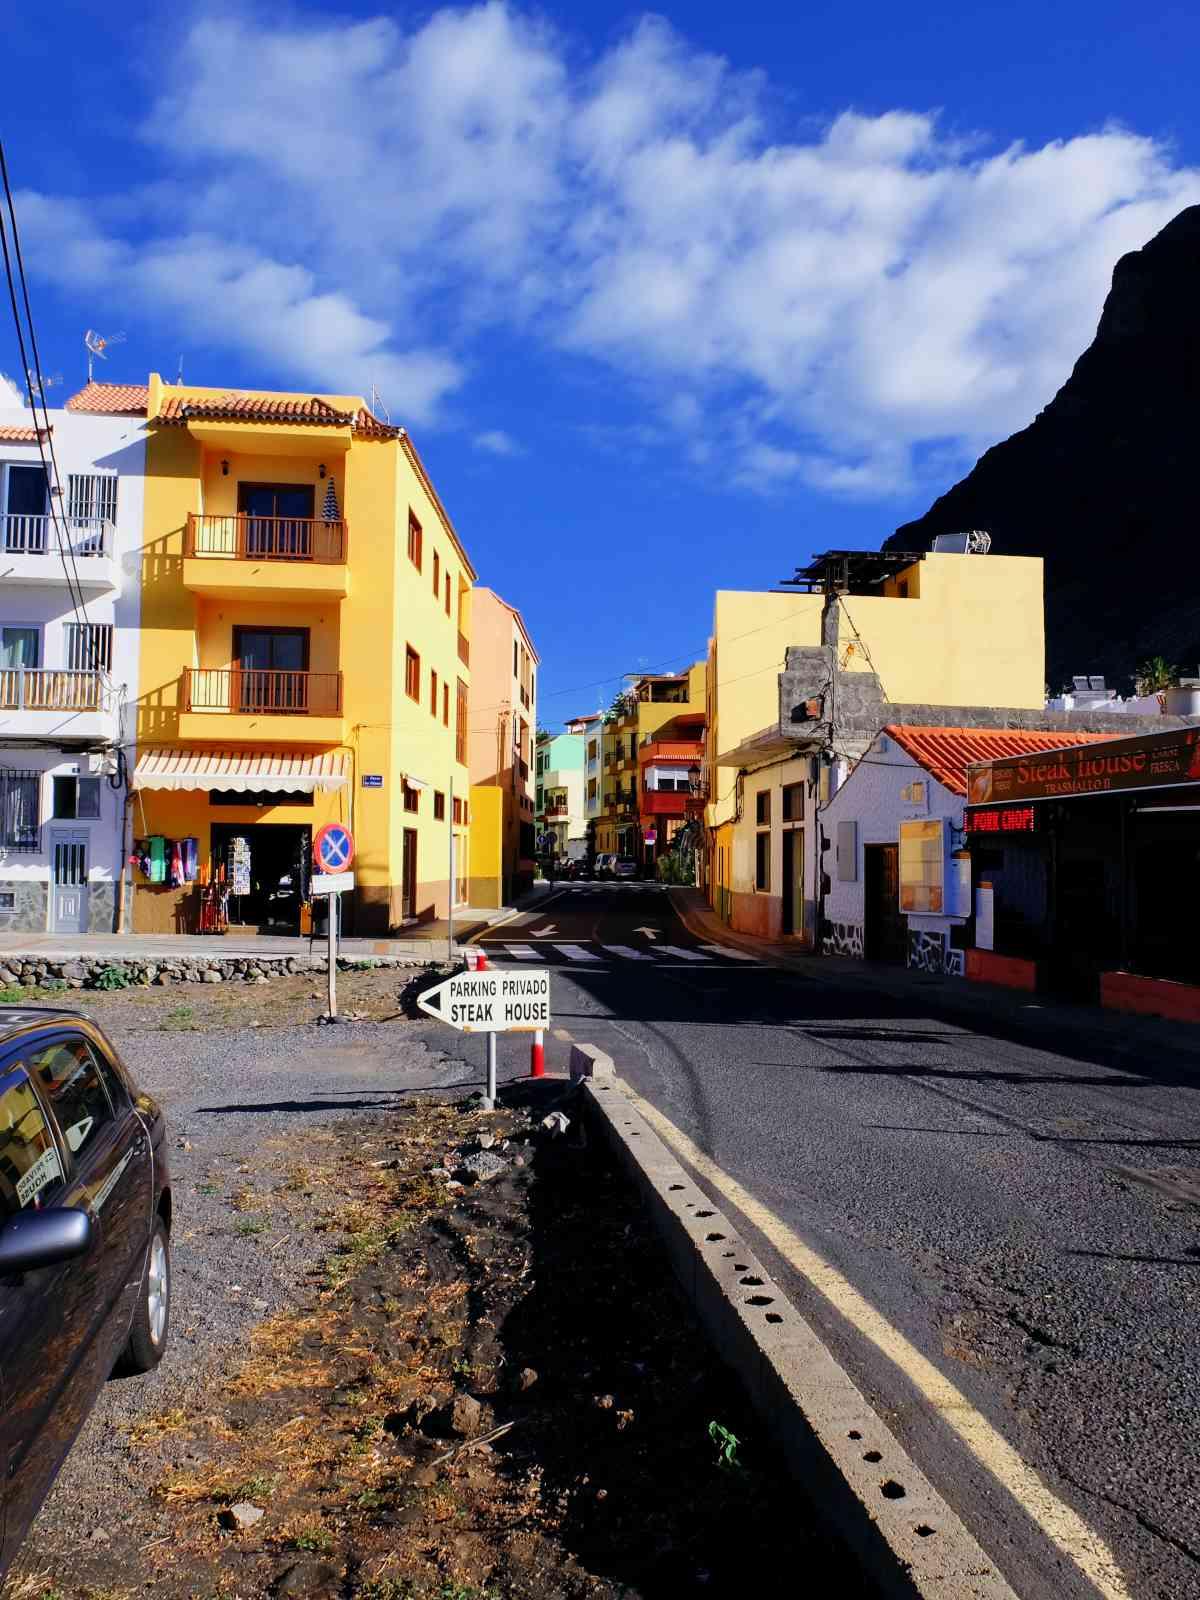 Valle Gran Rey - Kleine, farbige Häuser